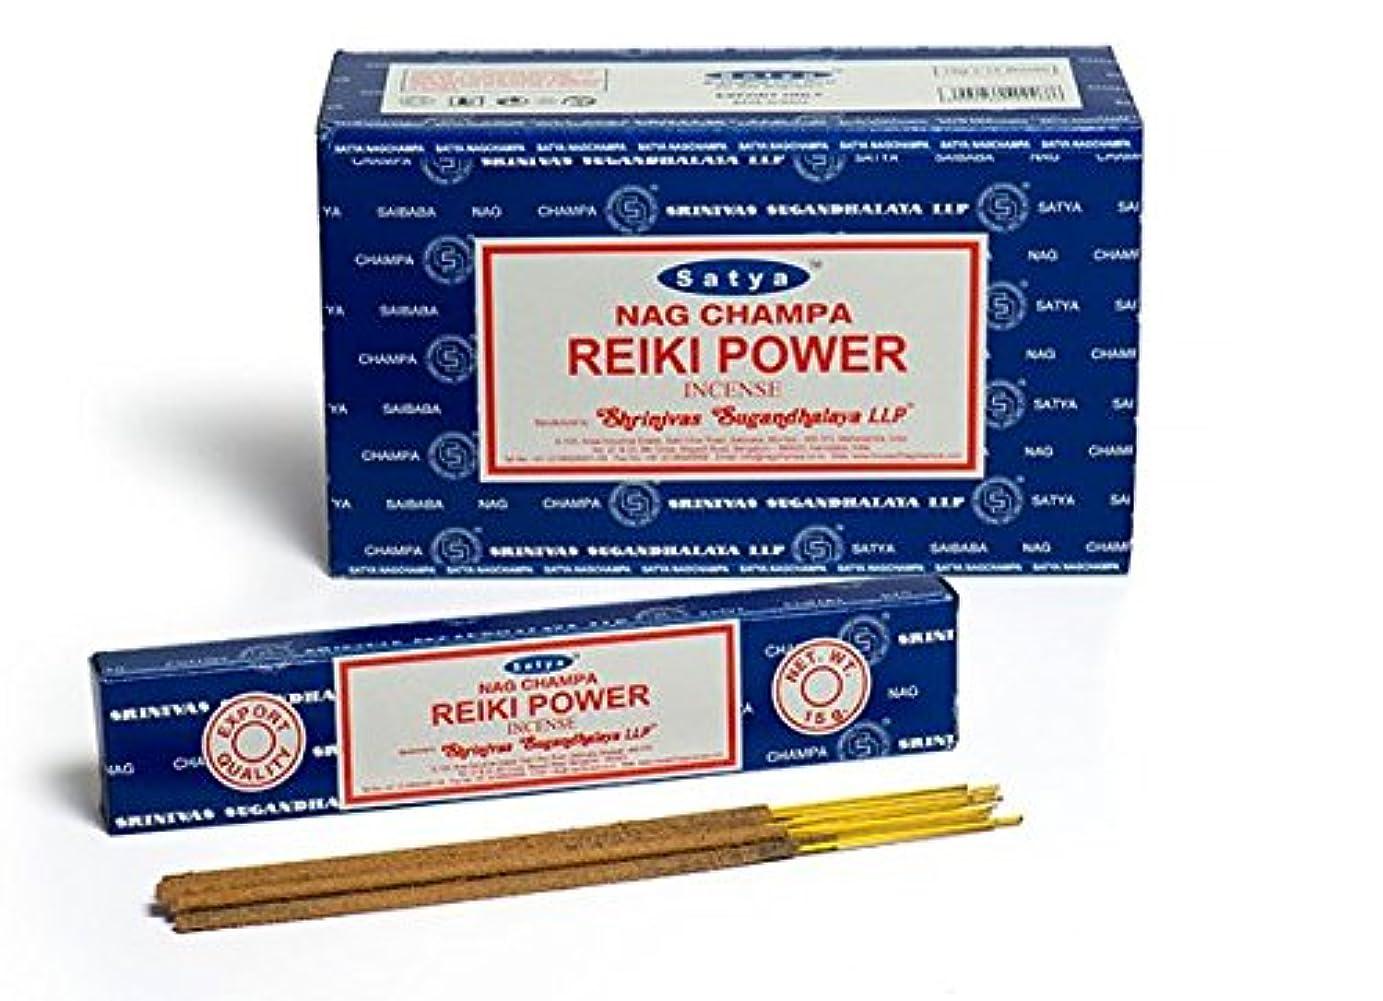 組み込む収束するお手伝いさんSatya Nag Champa Reiki Power お香スティック Agarbatti 180グラムボックス   15グラム入り12パック 箱入り   輸出品質